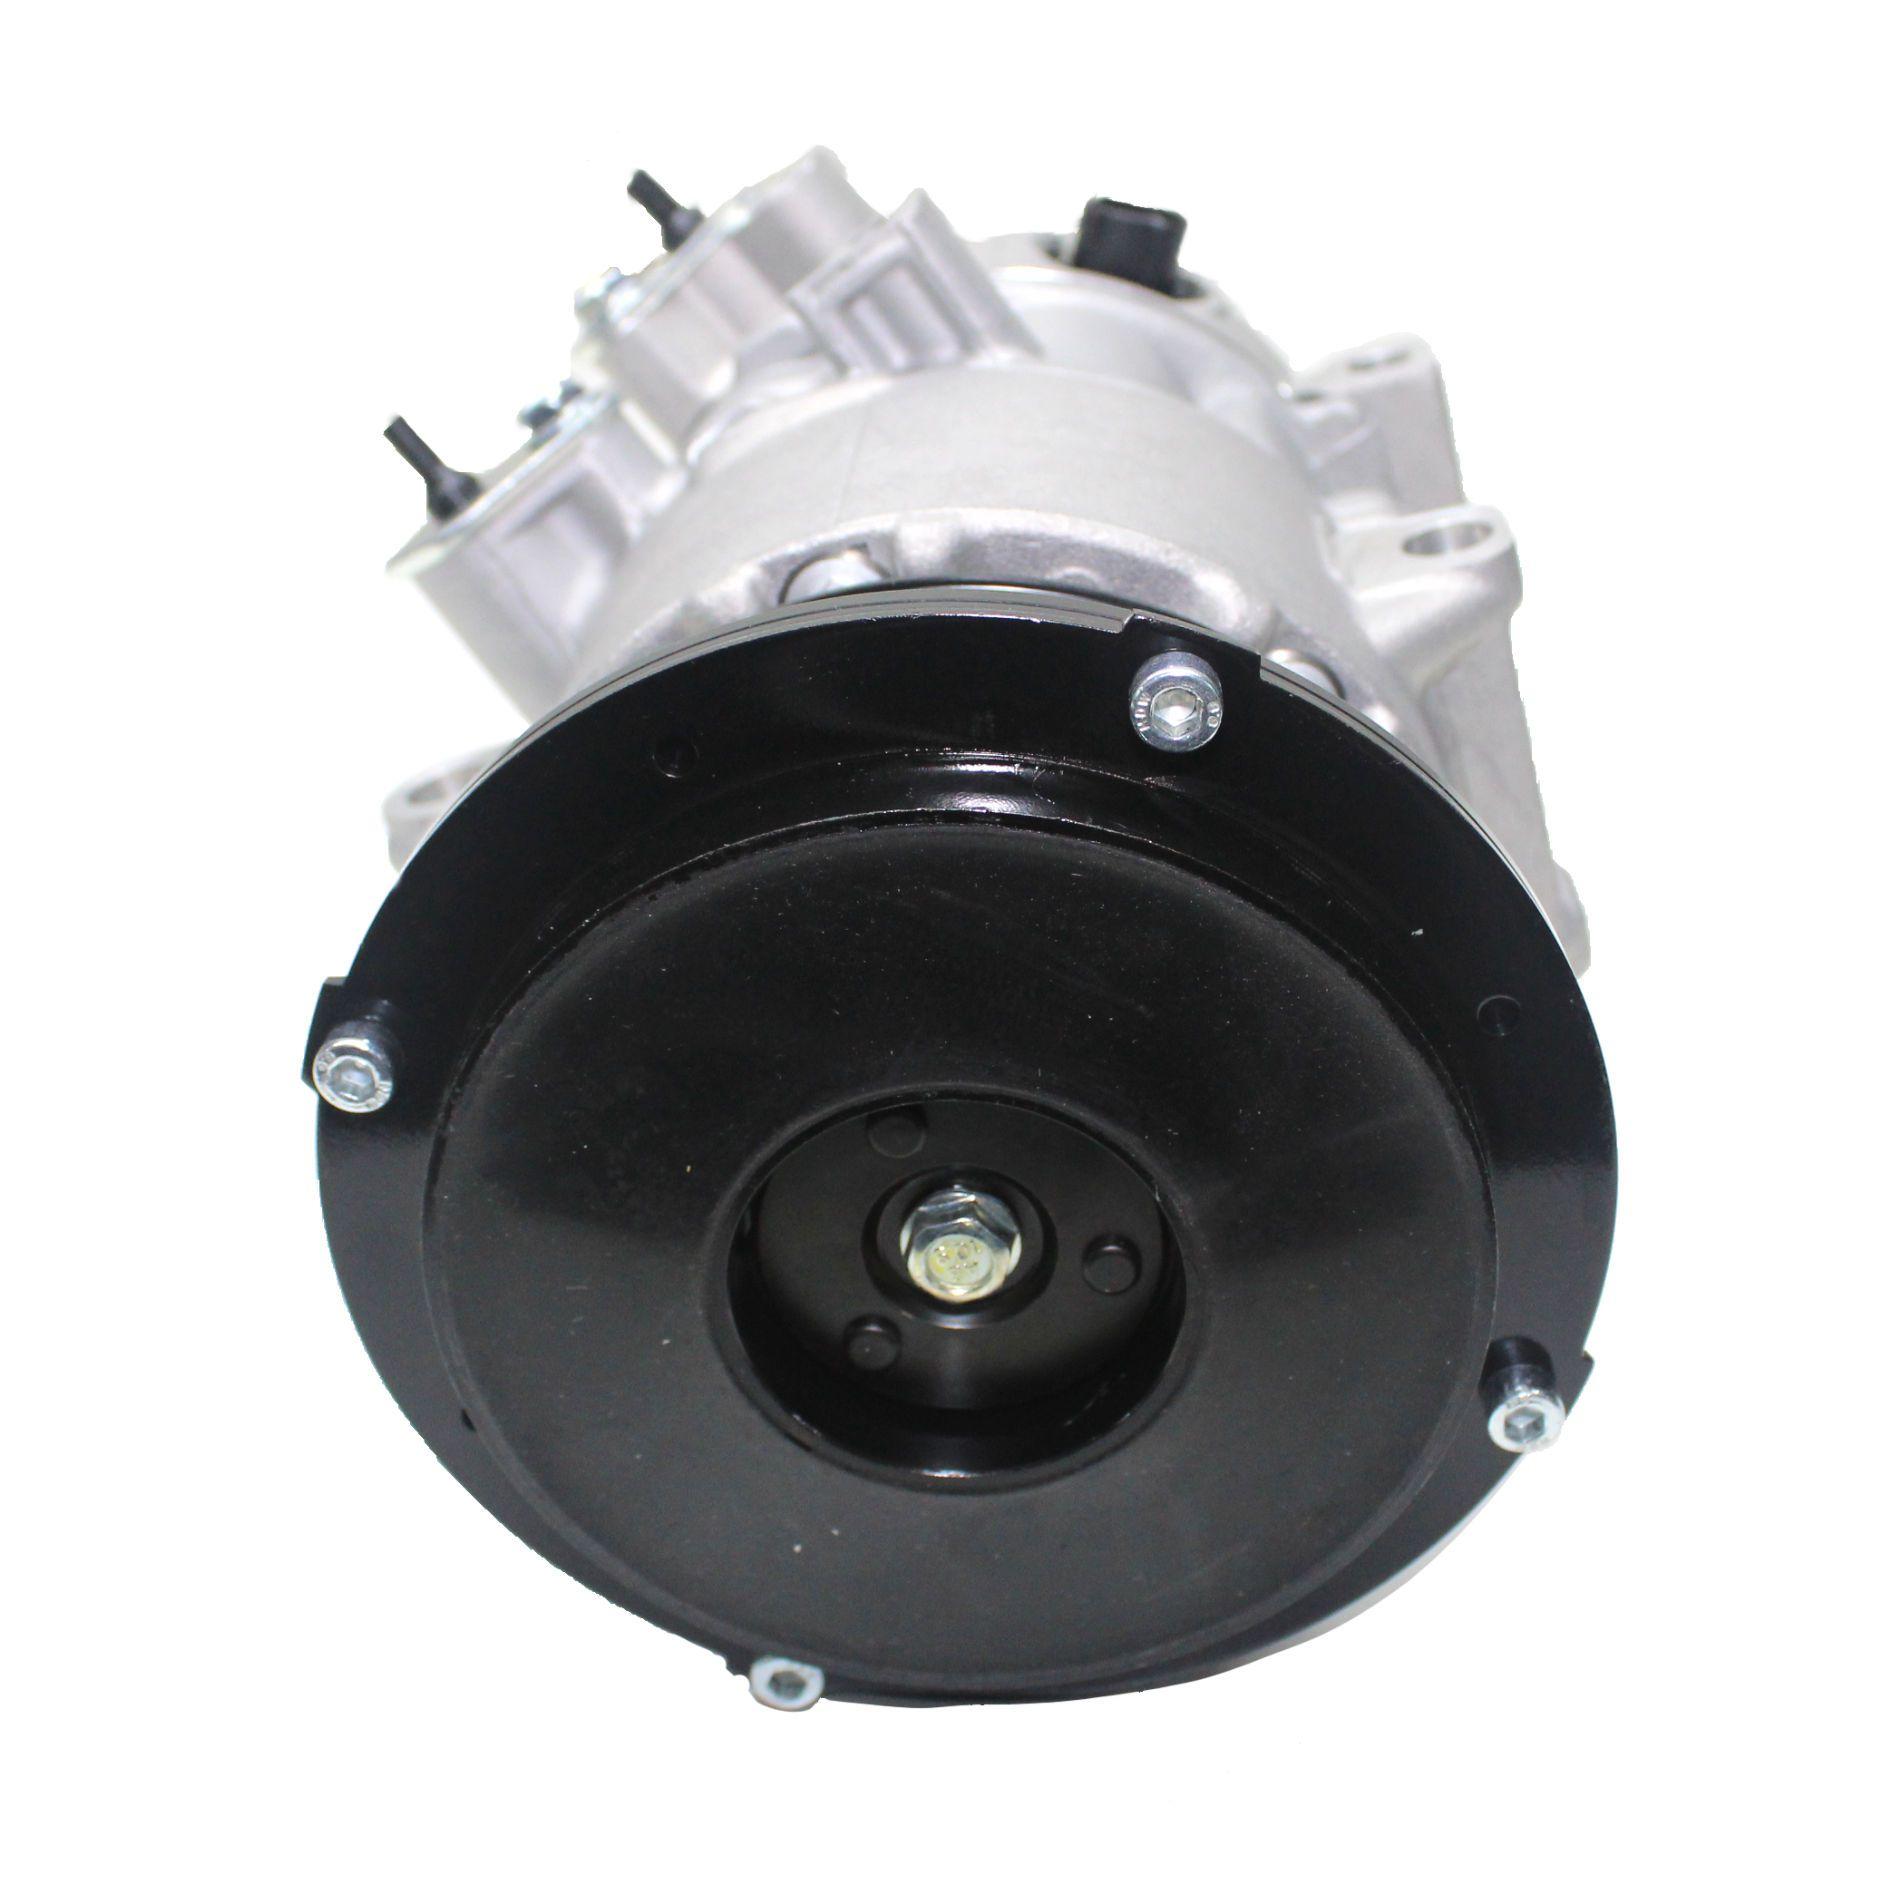 Compressor Ar Condicionado Rav4 2007...2012